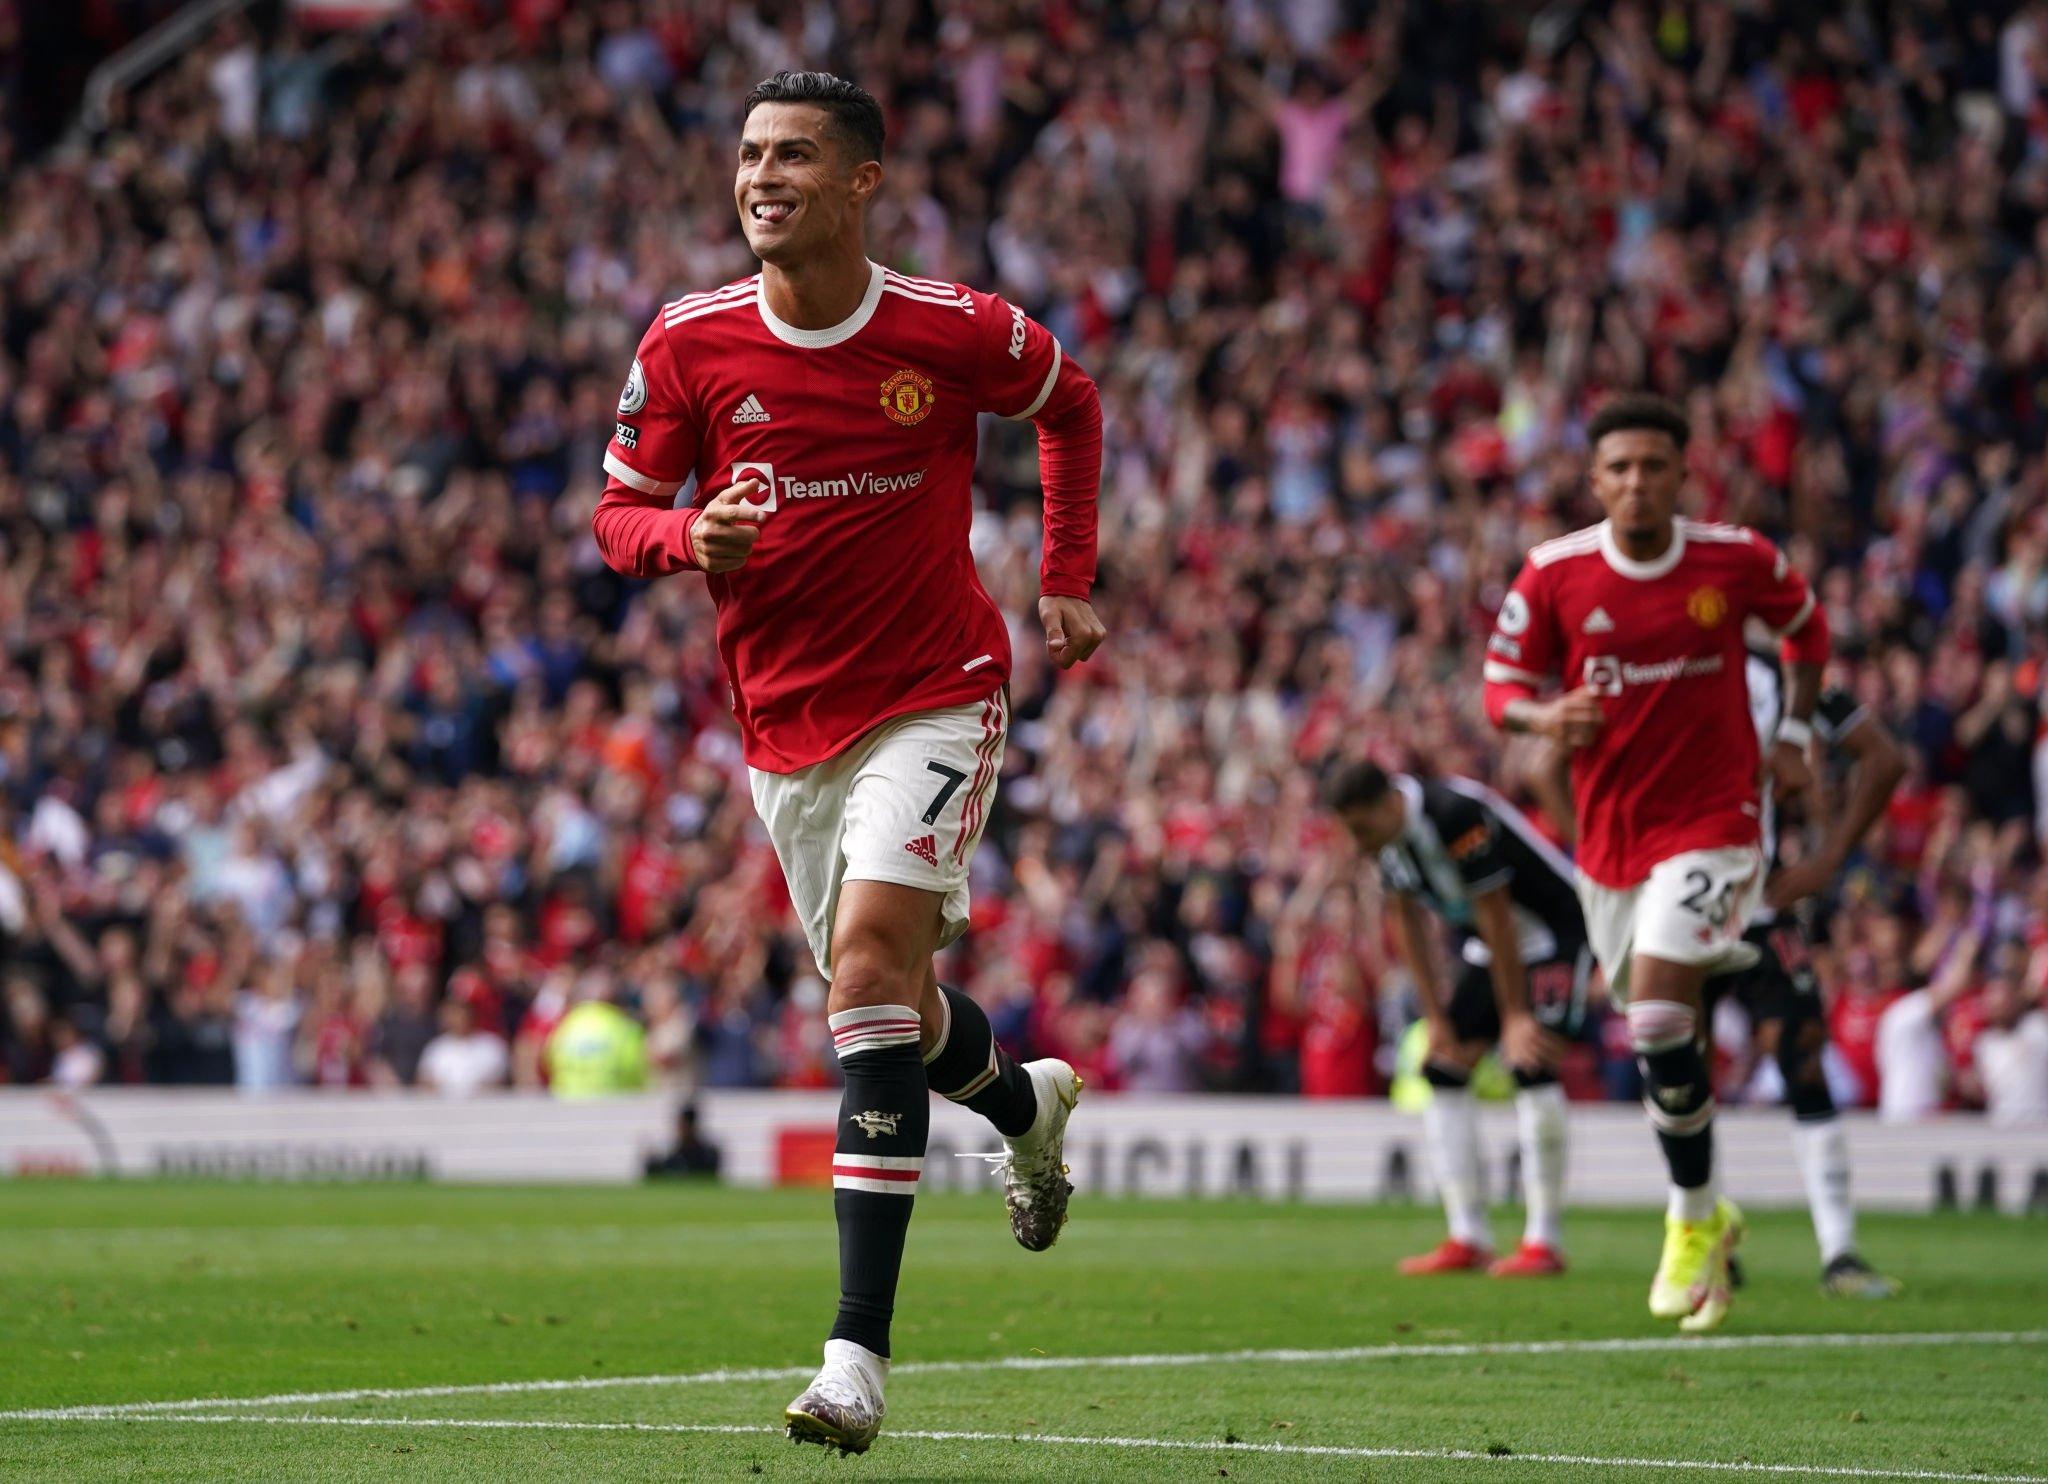 هدف رونالدو مانشستر يونايتد, هدف كريستيانو رونالدو, كريستيانو رونالدو يسجل أول هدف قميص مانشستر يونايتد, goal ronaldo, goal Cristiano ronaldo